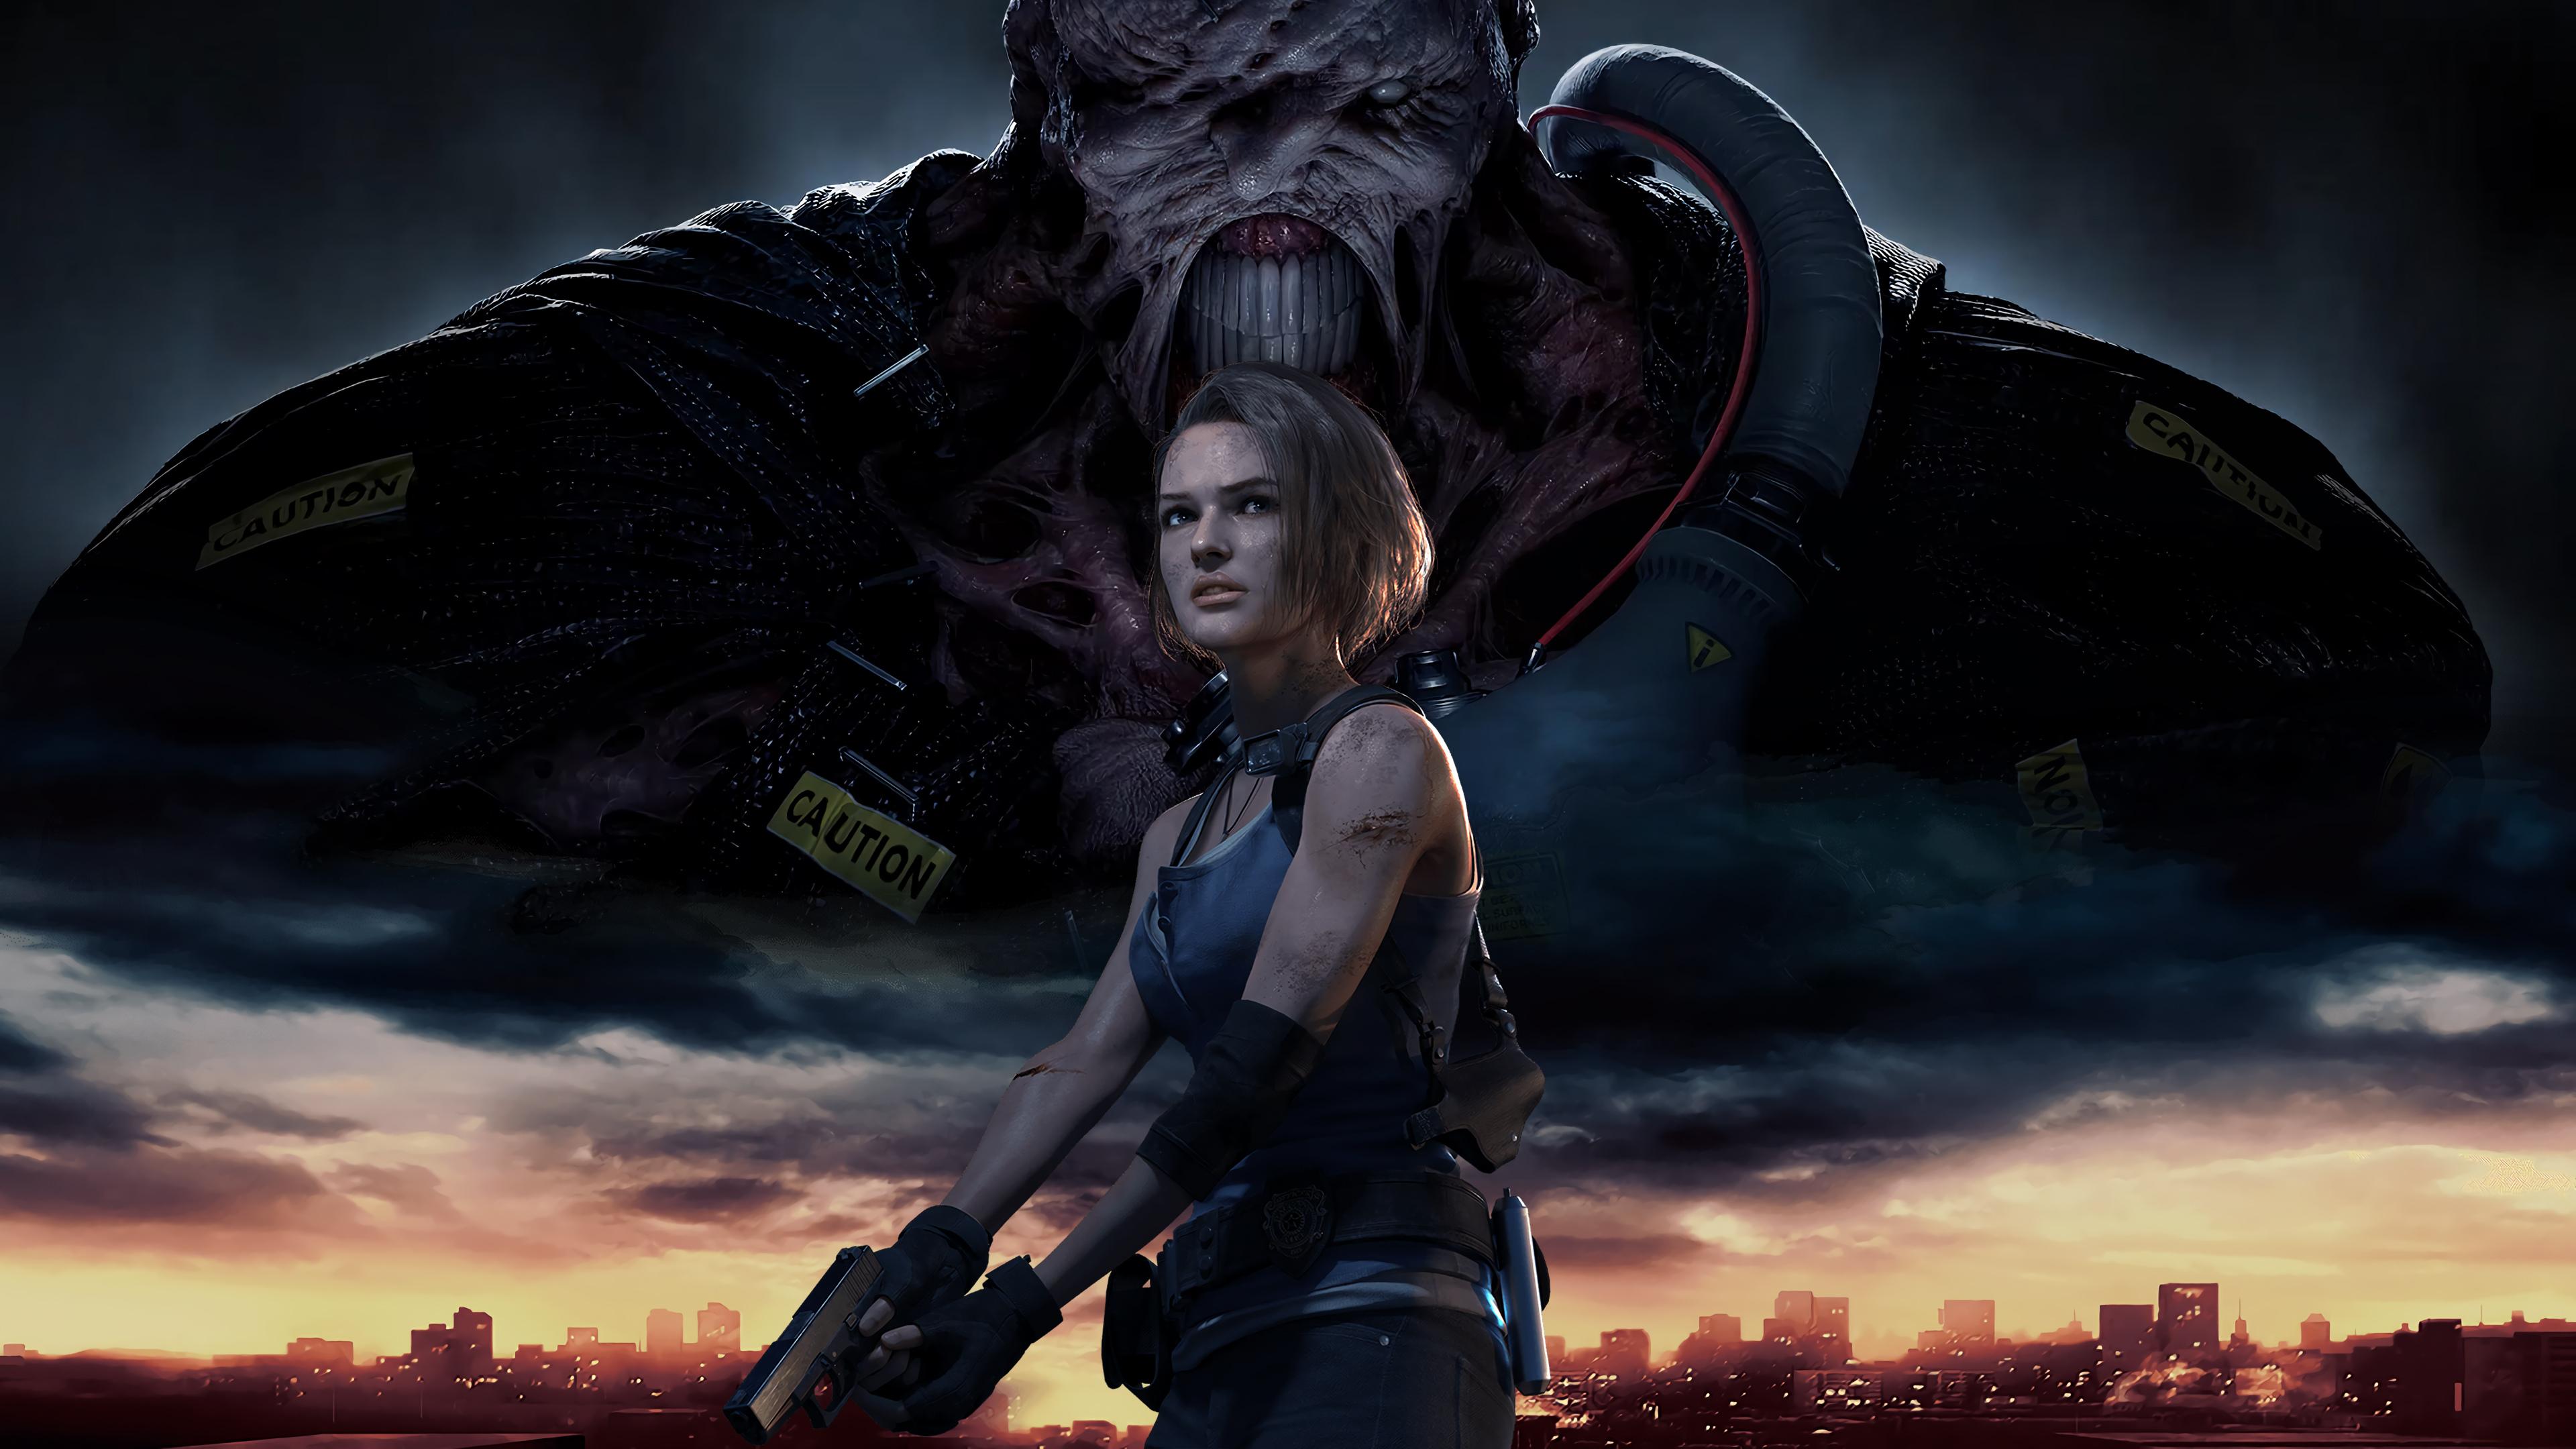 resident-evil-3-remake-jill-valentine-nemesis-uhdpaper.com-4K-7.603.jpg - Resident Evil 3: Nemesis